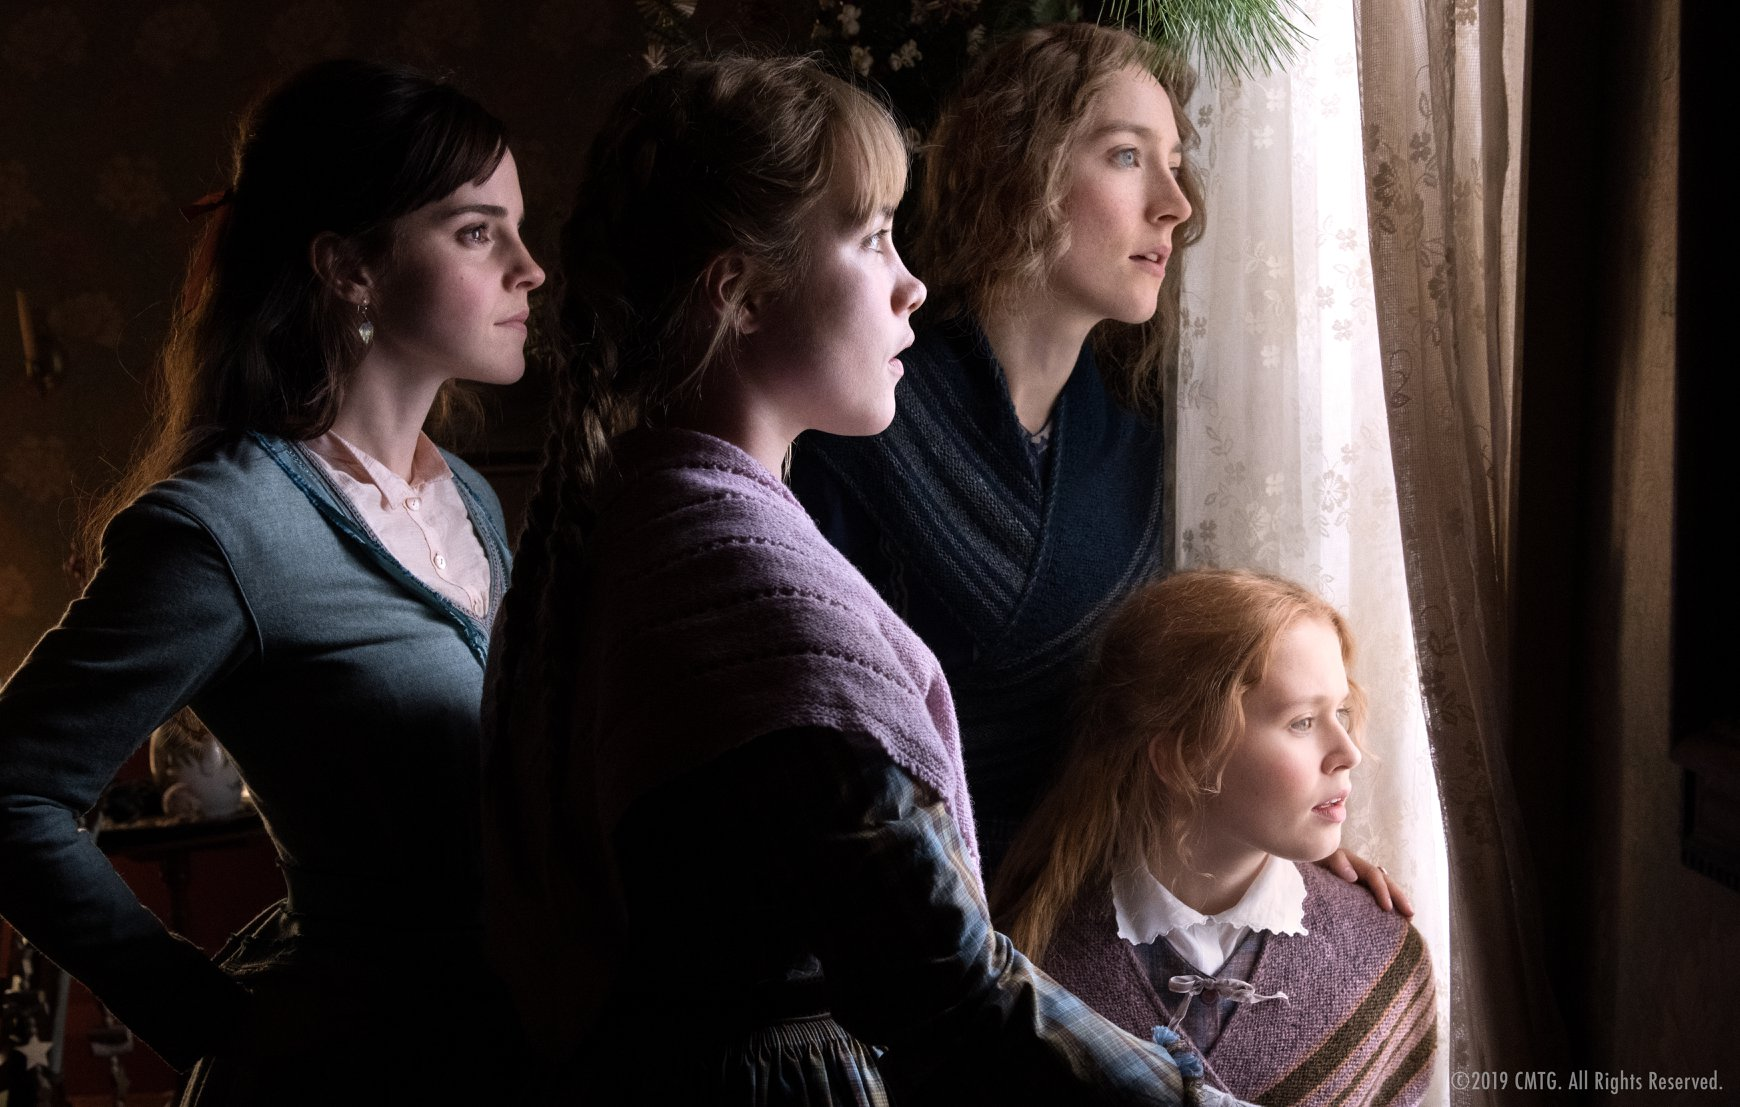 Greta Gerwig's fresh take on Little Women won't win Best Picture, but it should